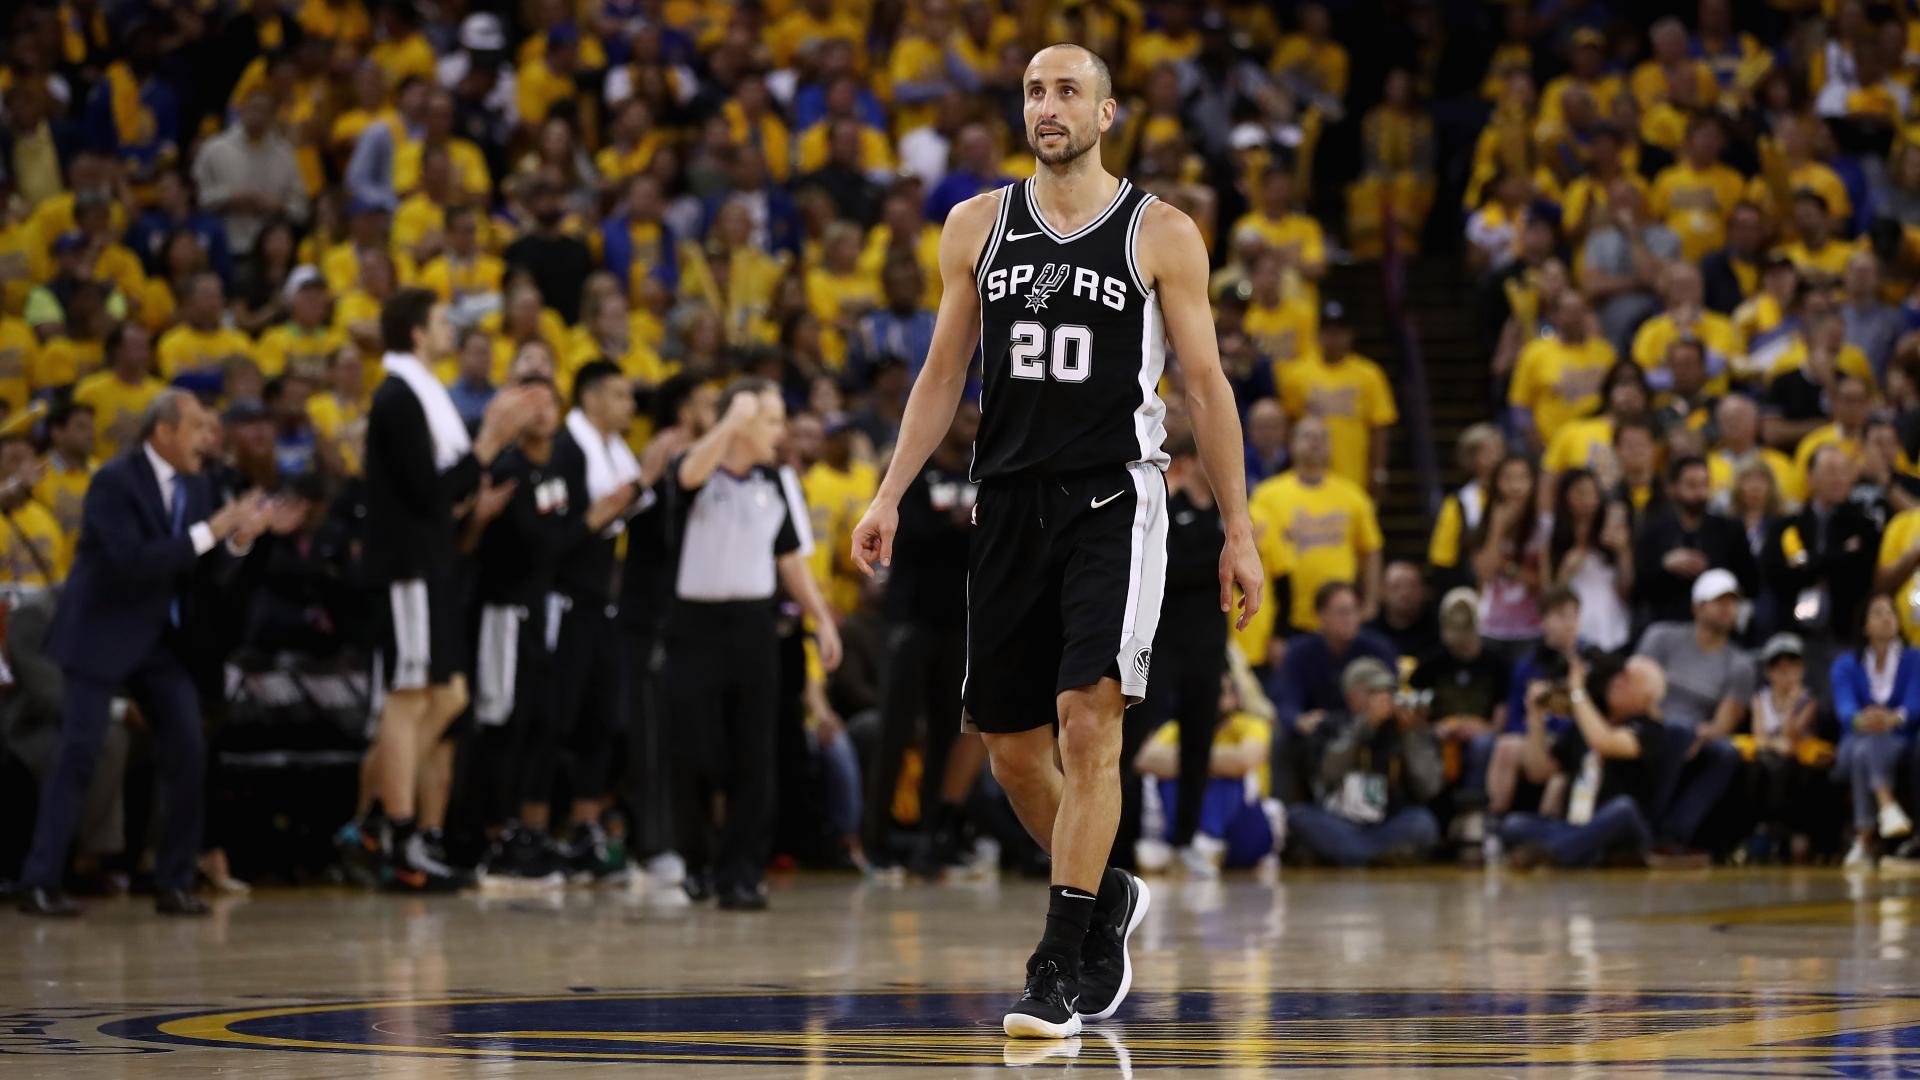 Legenda San Antonio, Manu Ginobili, memperkuat peran front office Spurs yang fokus pada pengembangan pemain